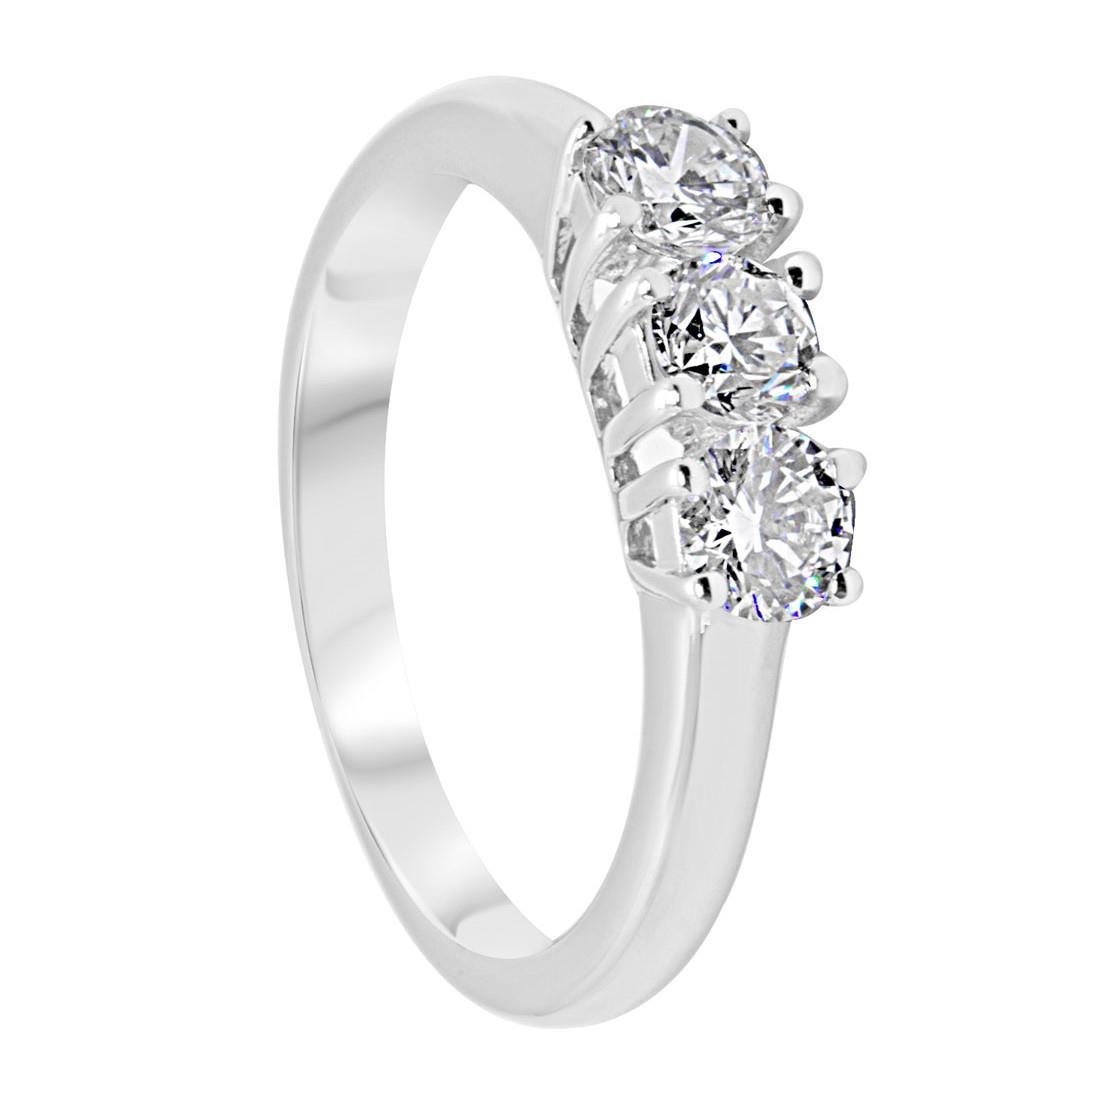 Anello trilogy in oro bianco con diamanti 0,80 ct mis 12 - ORO&CO